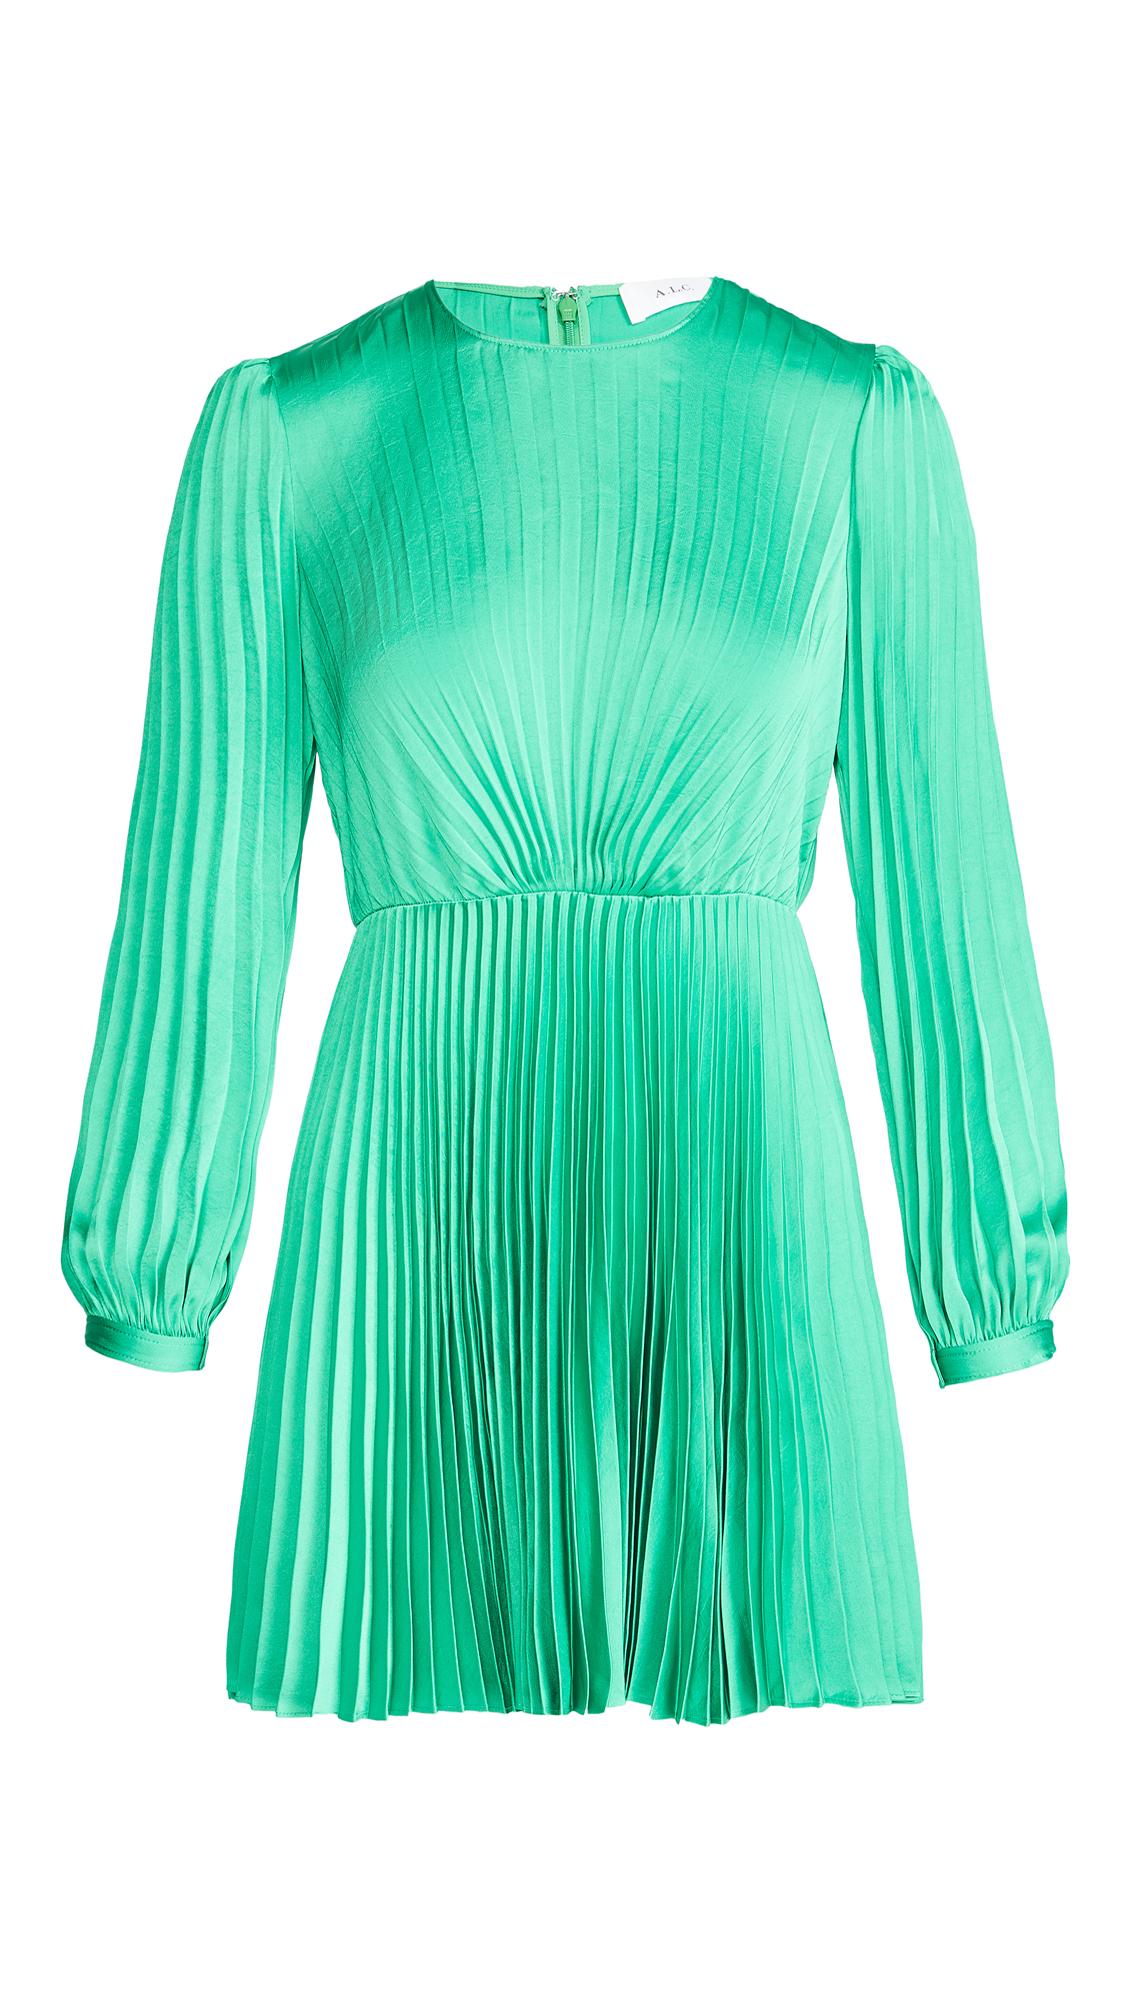 A.L.C. Tavi Dress